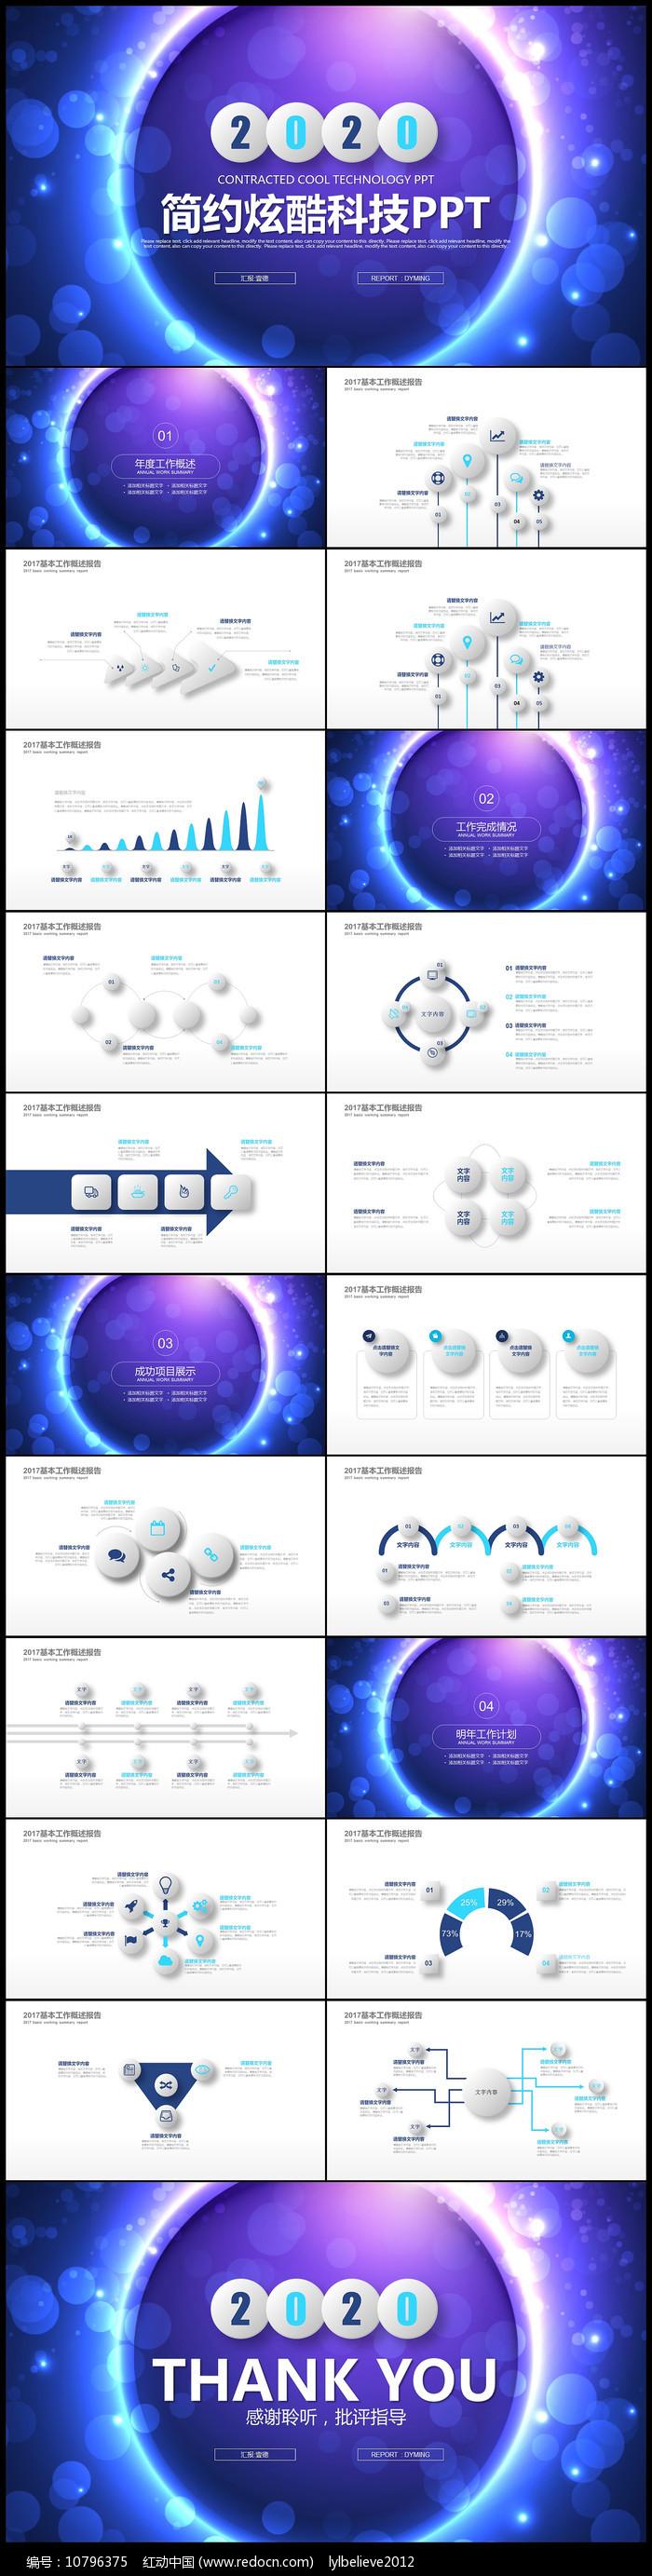 蓝色炫酷科技互联网年终总结PPT模板图片